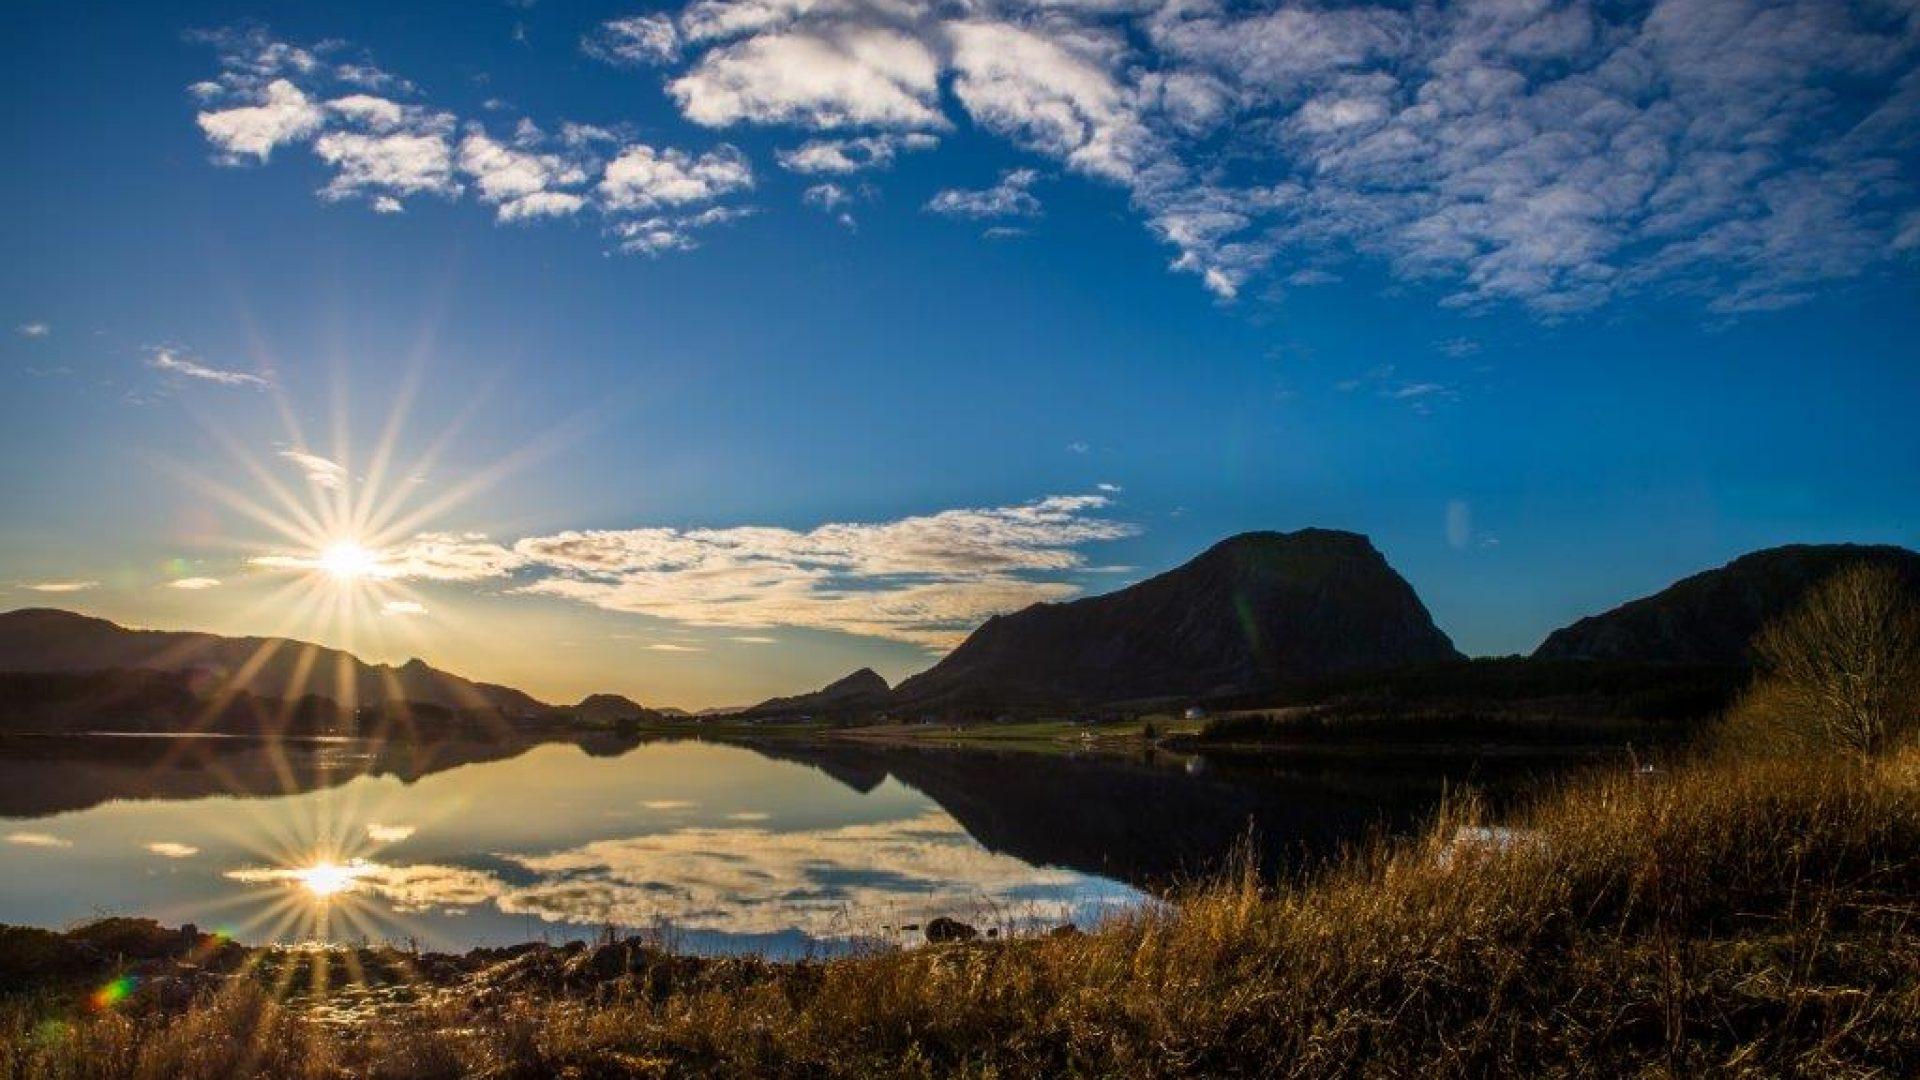 Sømna kommune - Helgeland reiseliv - Foto: Lars Erik Martinsen